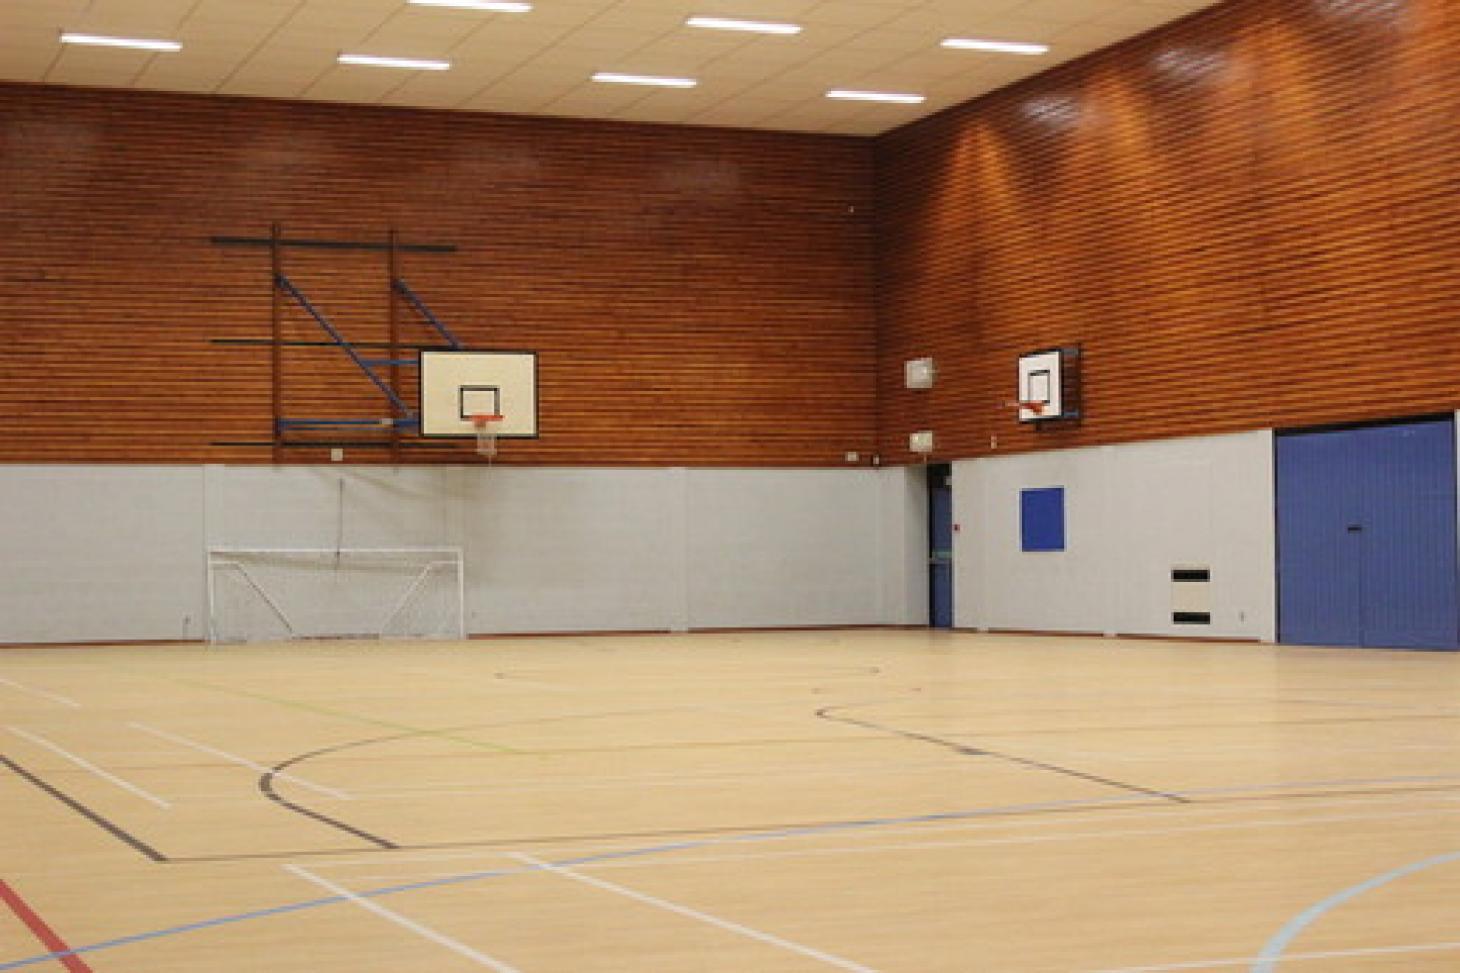 Putteridge High School Indoor basketball court